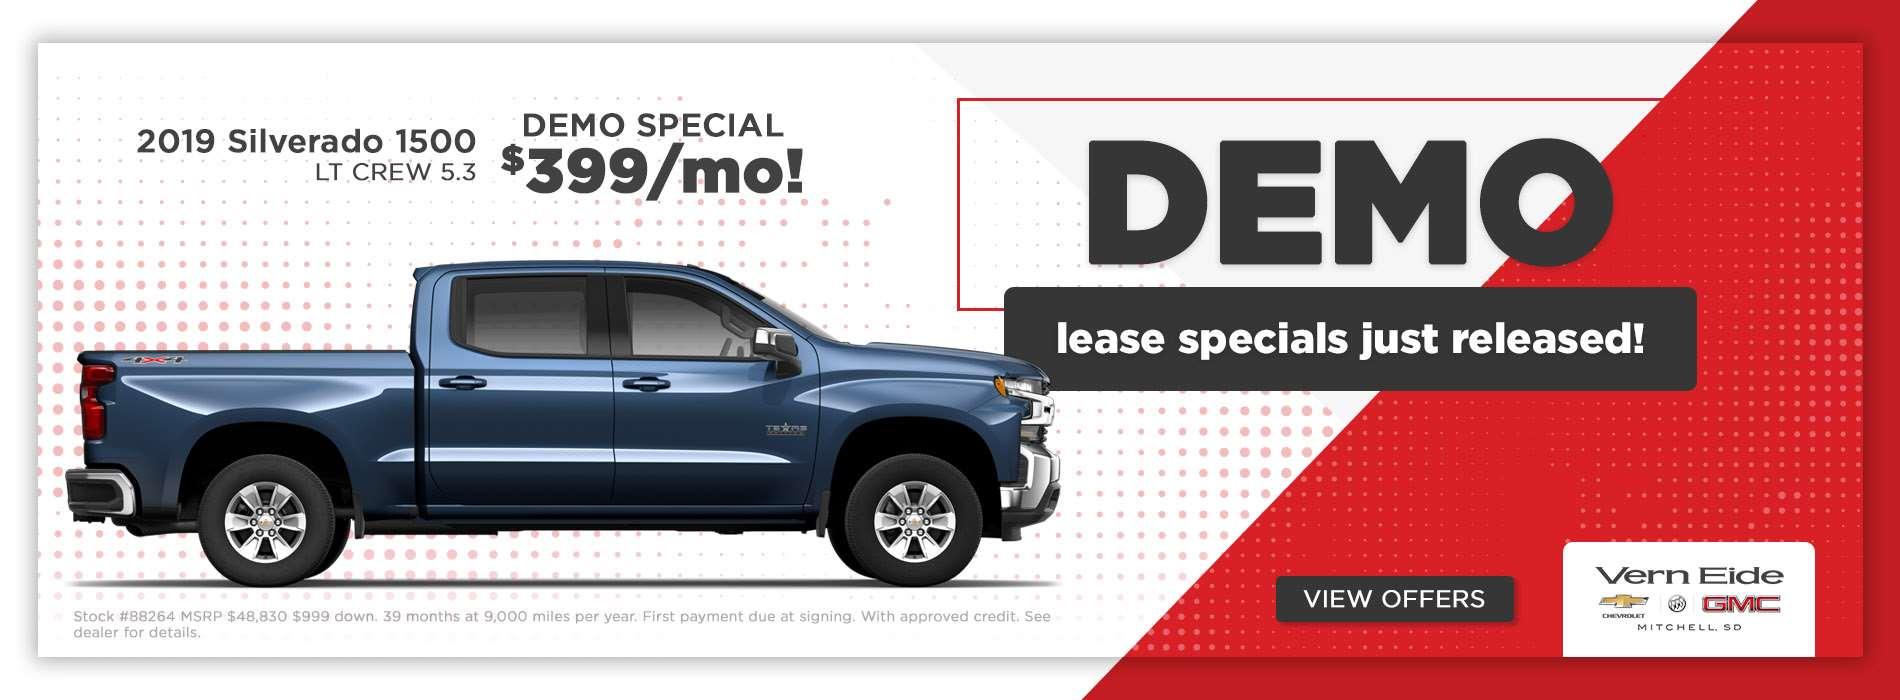 GM - Silverado $399 - May 2019